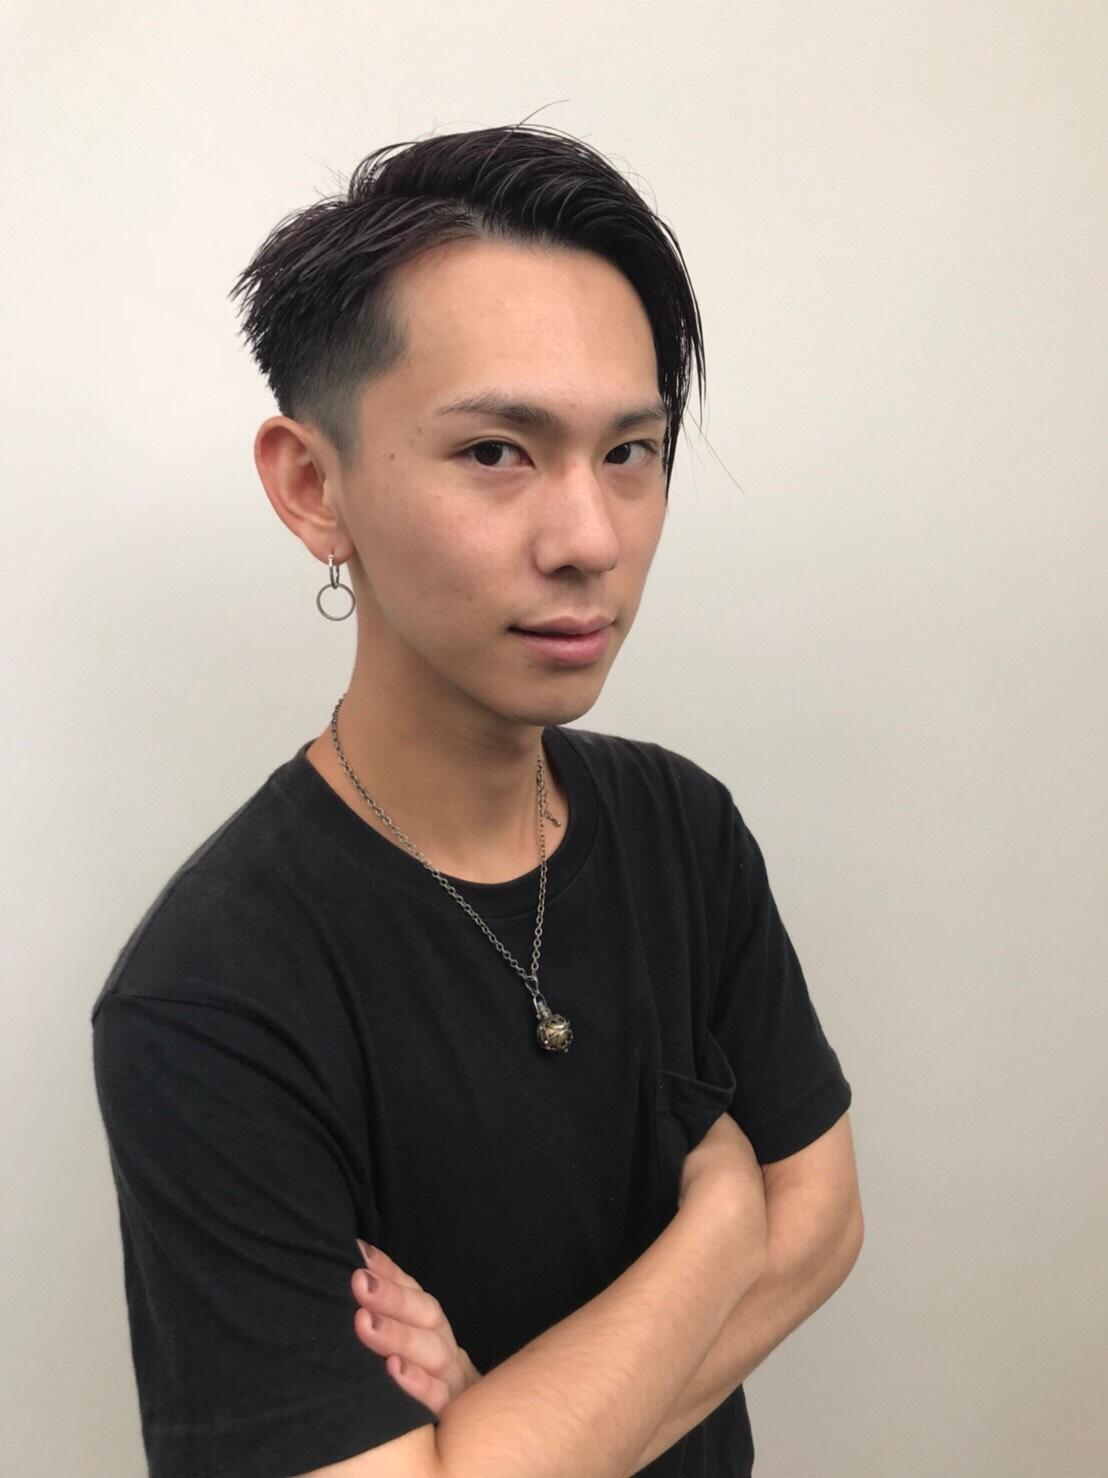 遠藤 浩貴 エンドウ ヒロキ